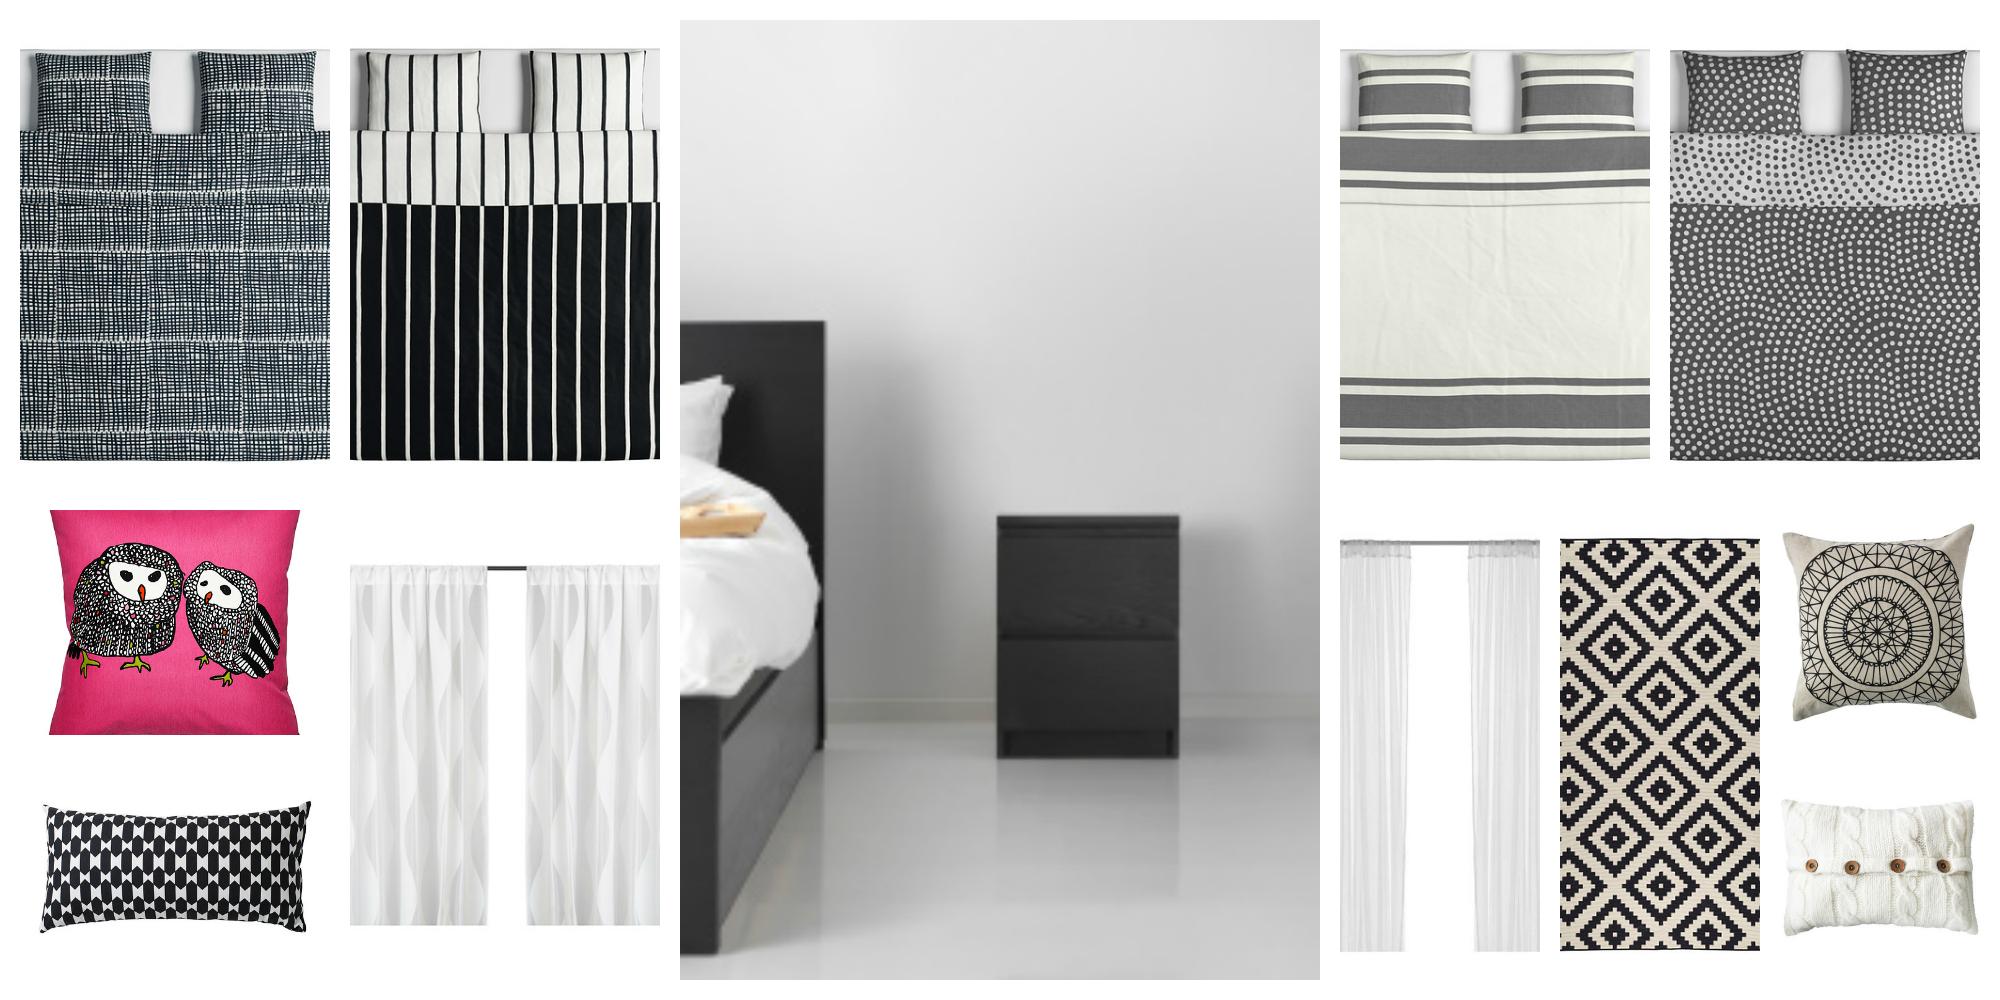 habitación malm IKEA blanco y negro